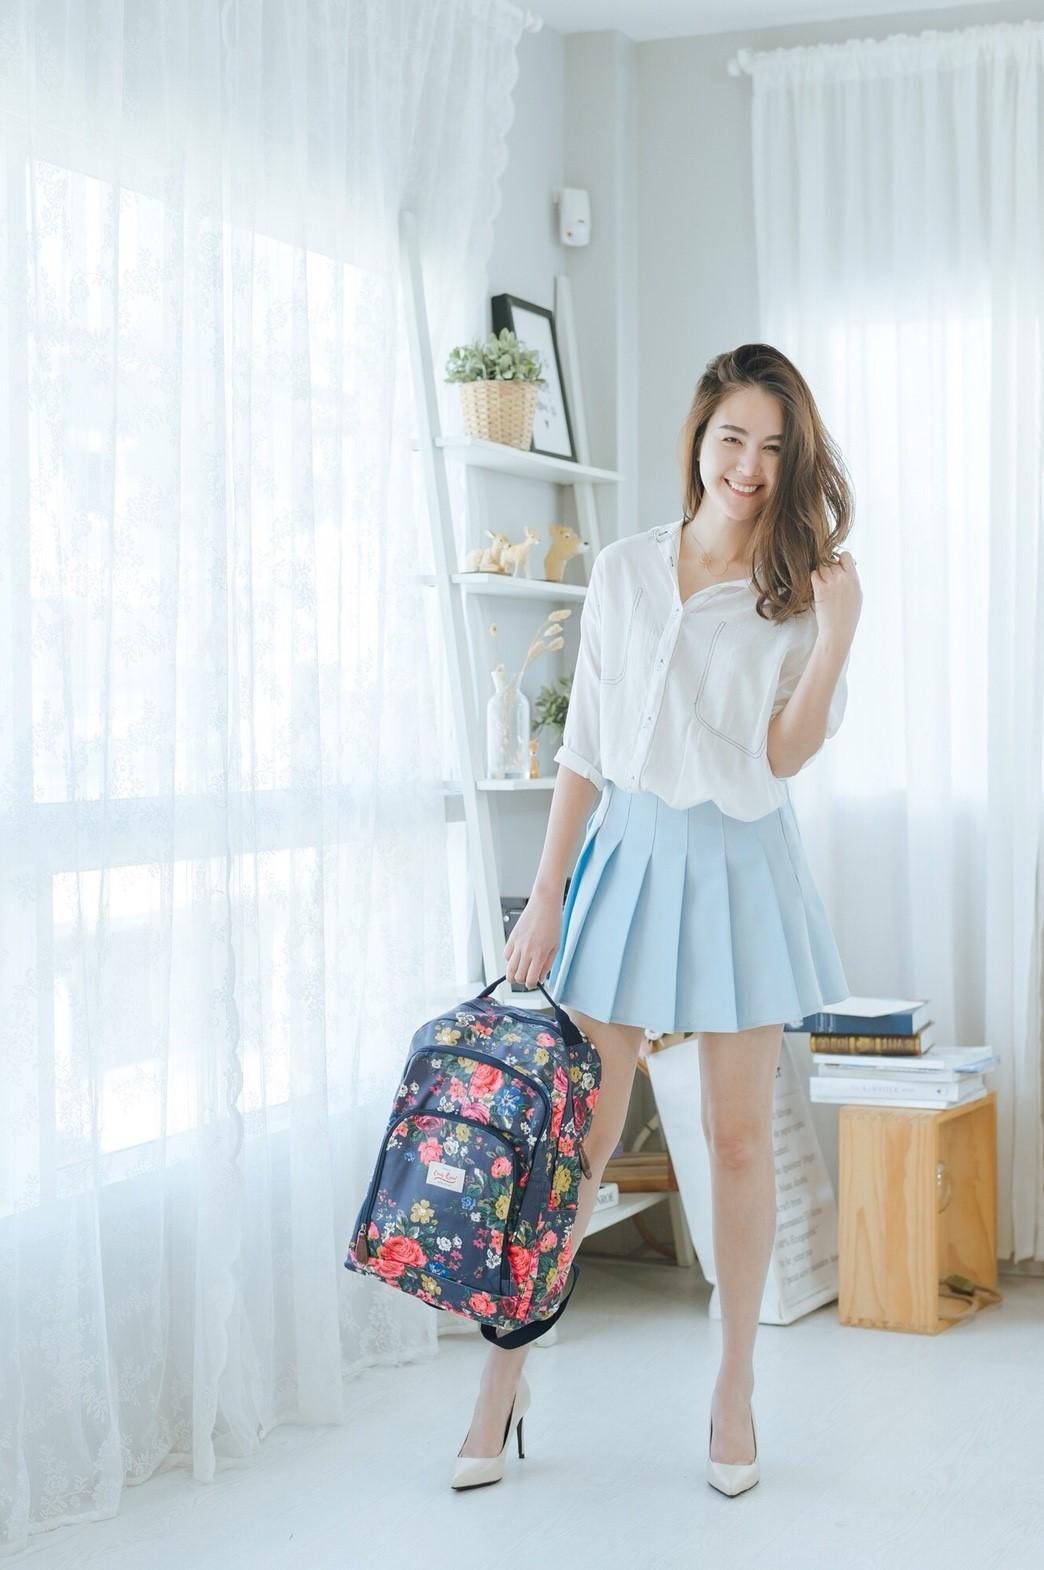 กระเป๋าเป้ ใหญ่ ใส่เสื้อผ้าได้ 5-6 ชุด